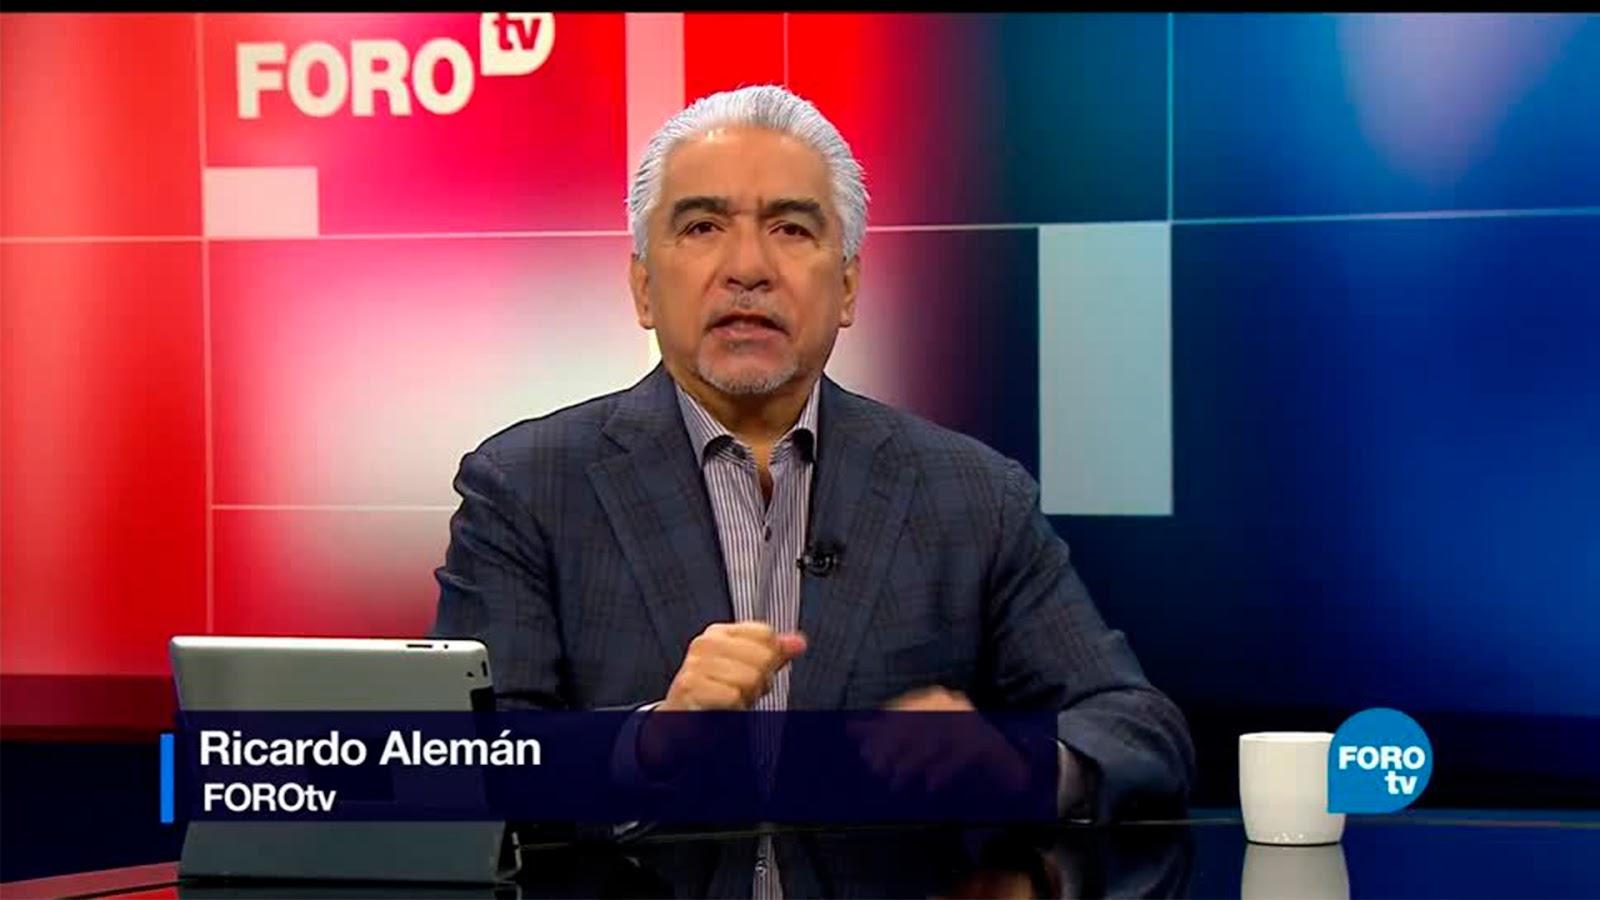 Televisa y Canal 11 despiden a Ricardo Alemán por amenazas contra AMLO y Ricardo culpa a MORENA